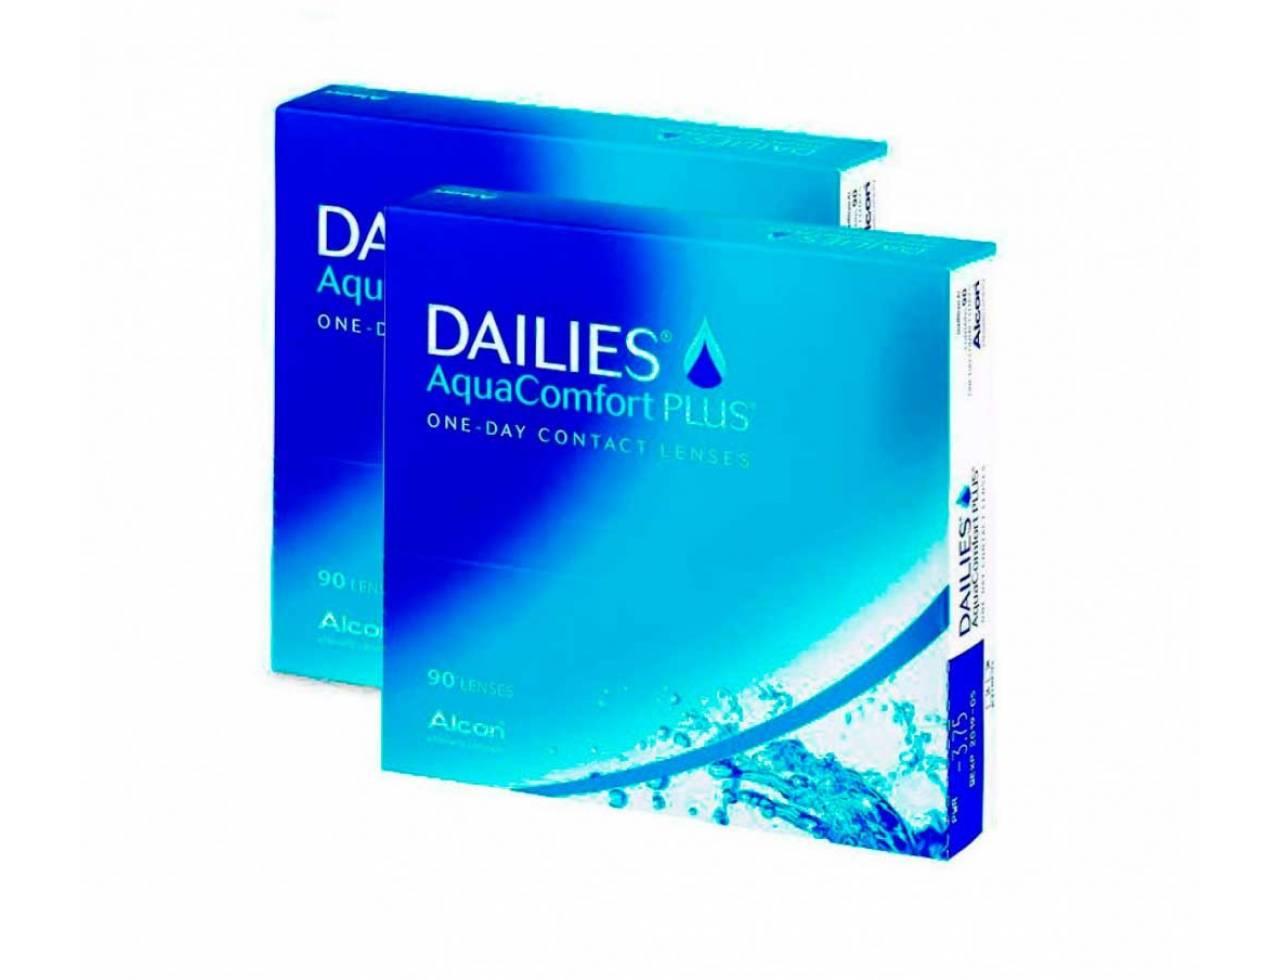 Dailies AquaComfort Plus - 2 уп. по 90 линз (-3%)